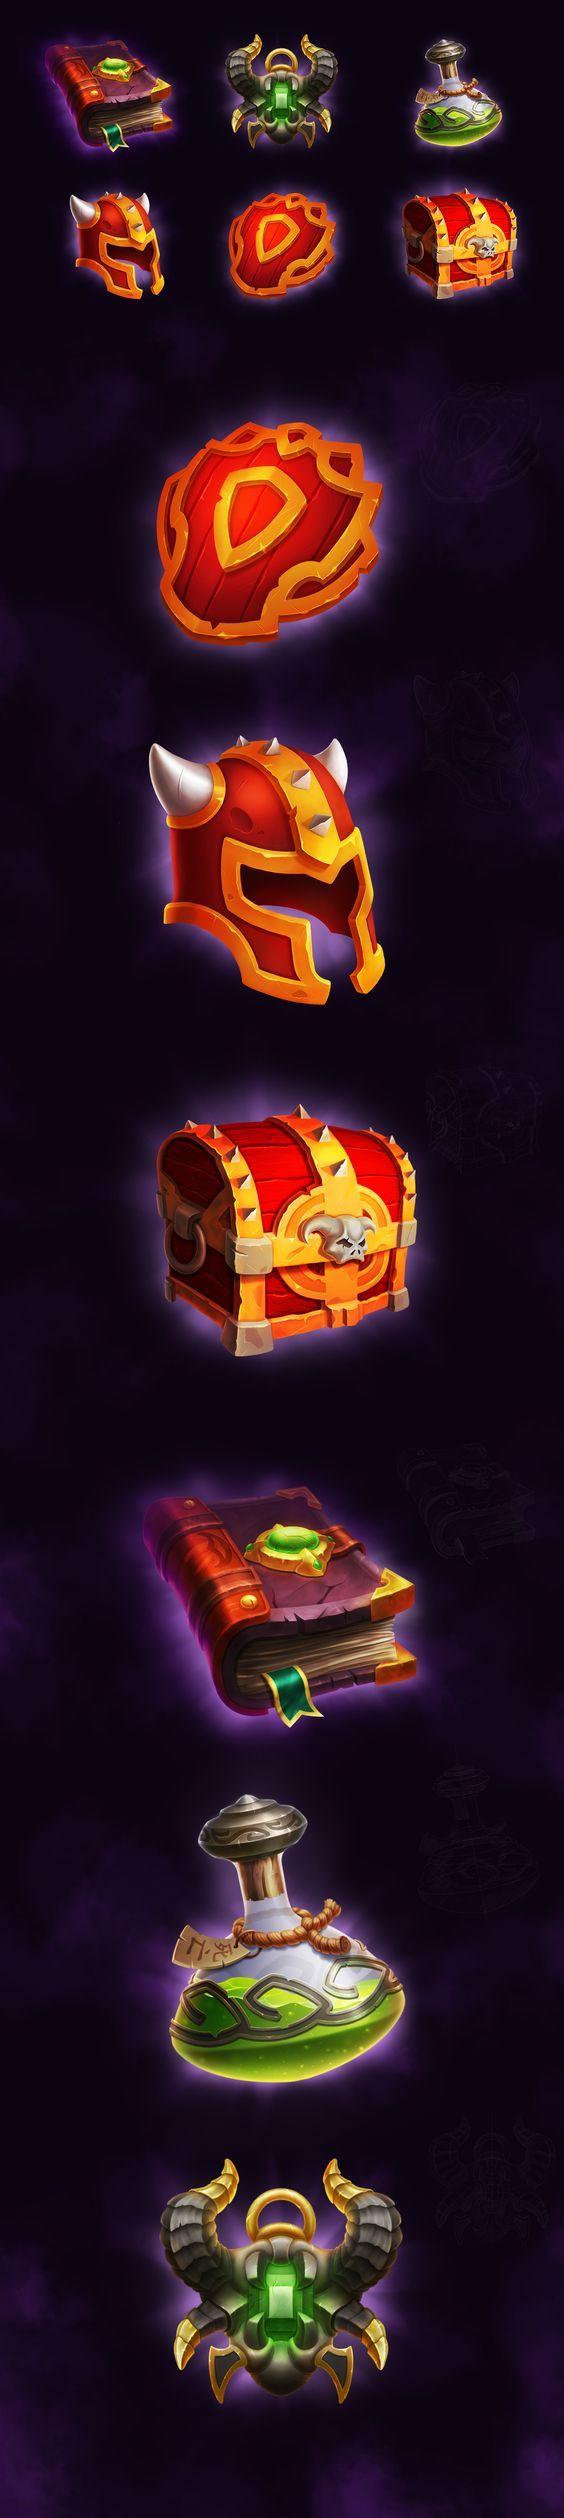 Magic icons set on Behance: